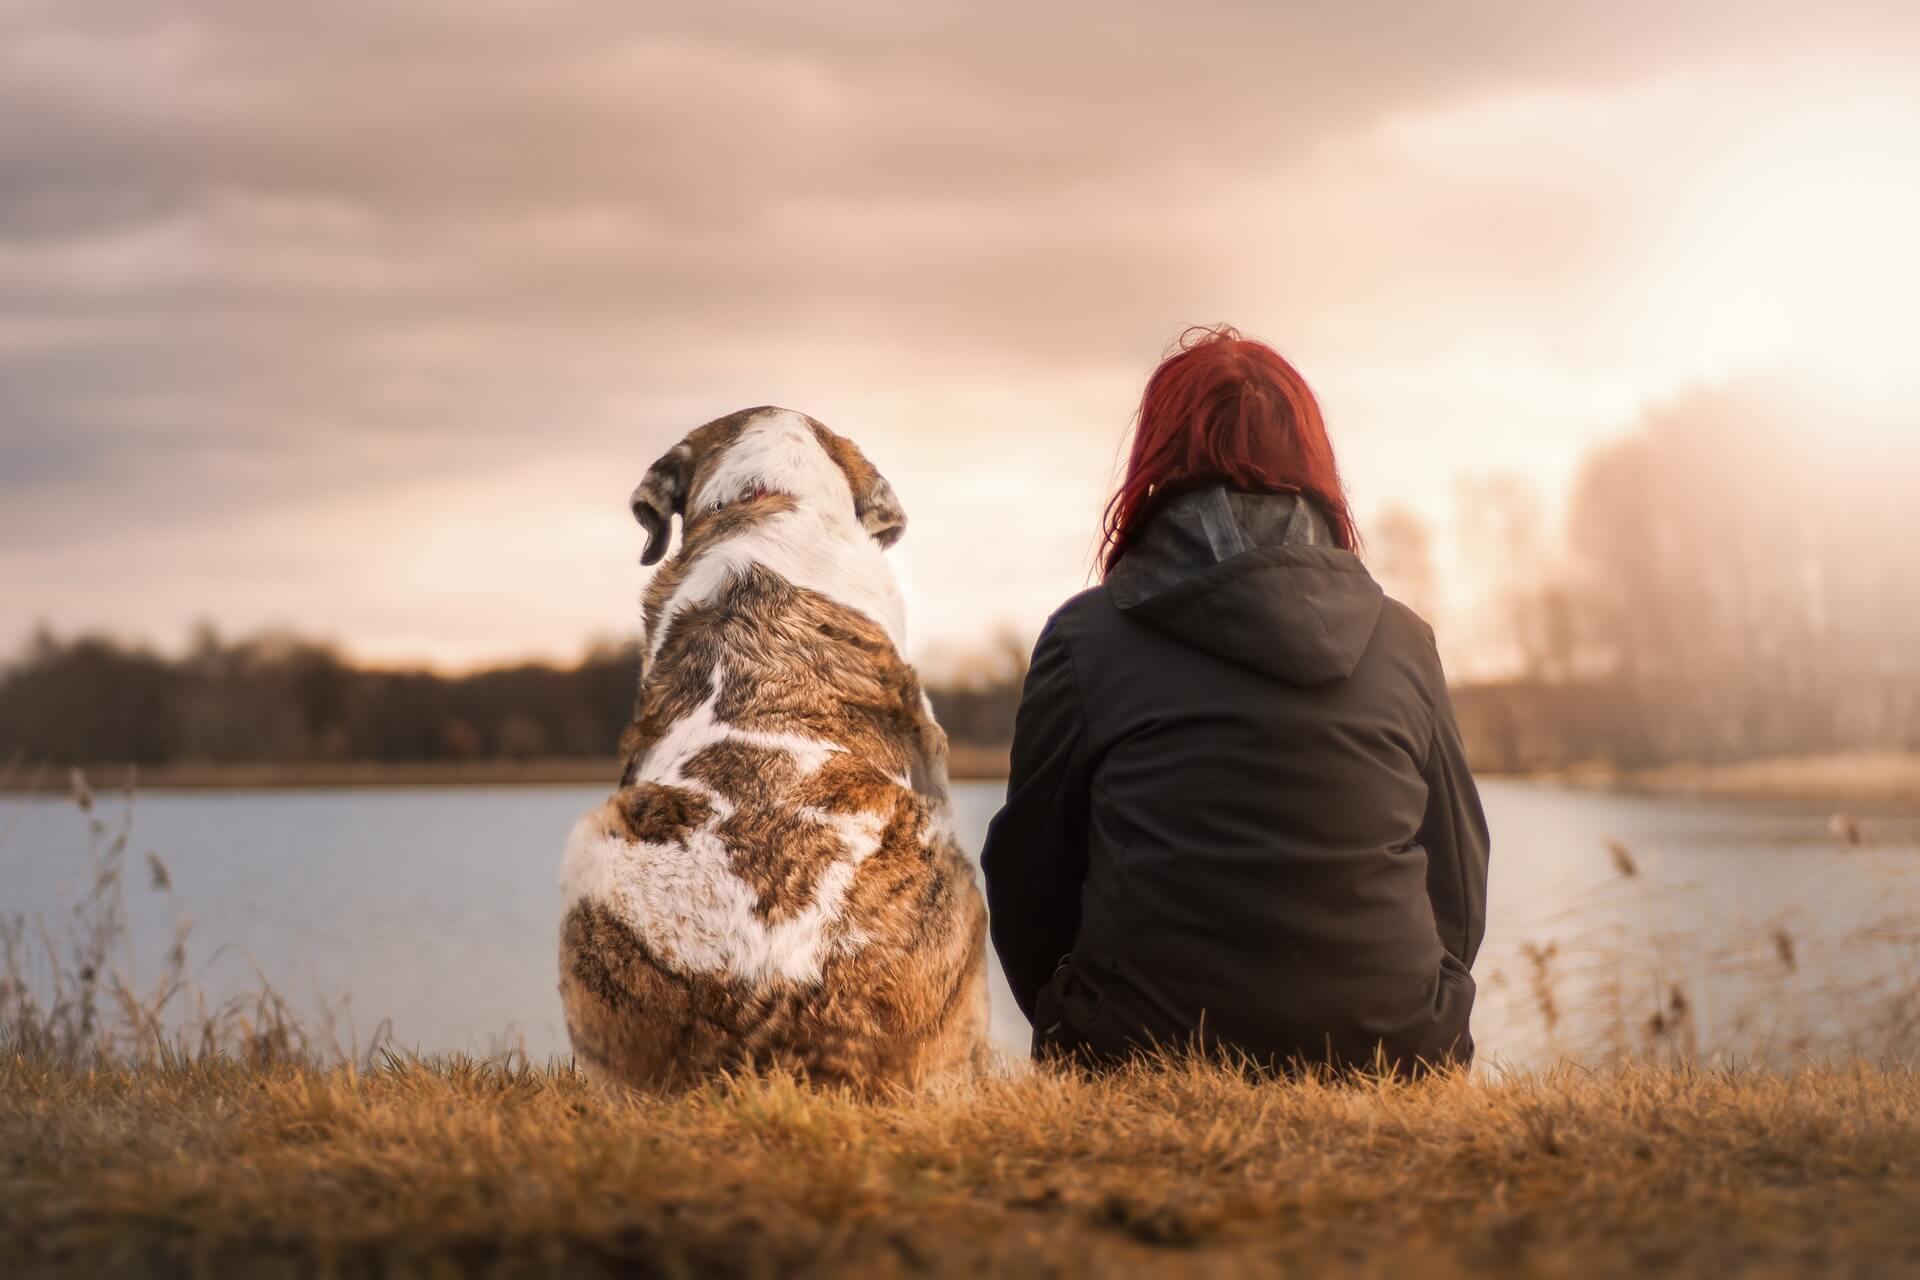 ¿Qué hago si encuentro un perro abandonado?